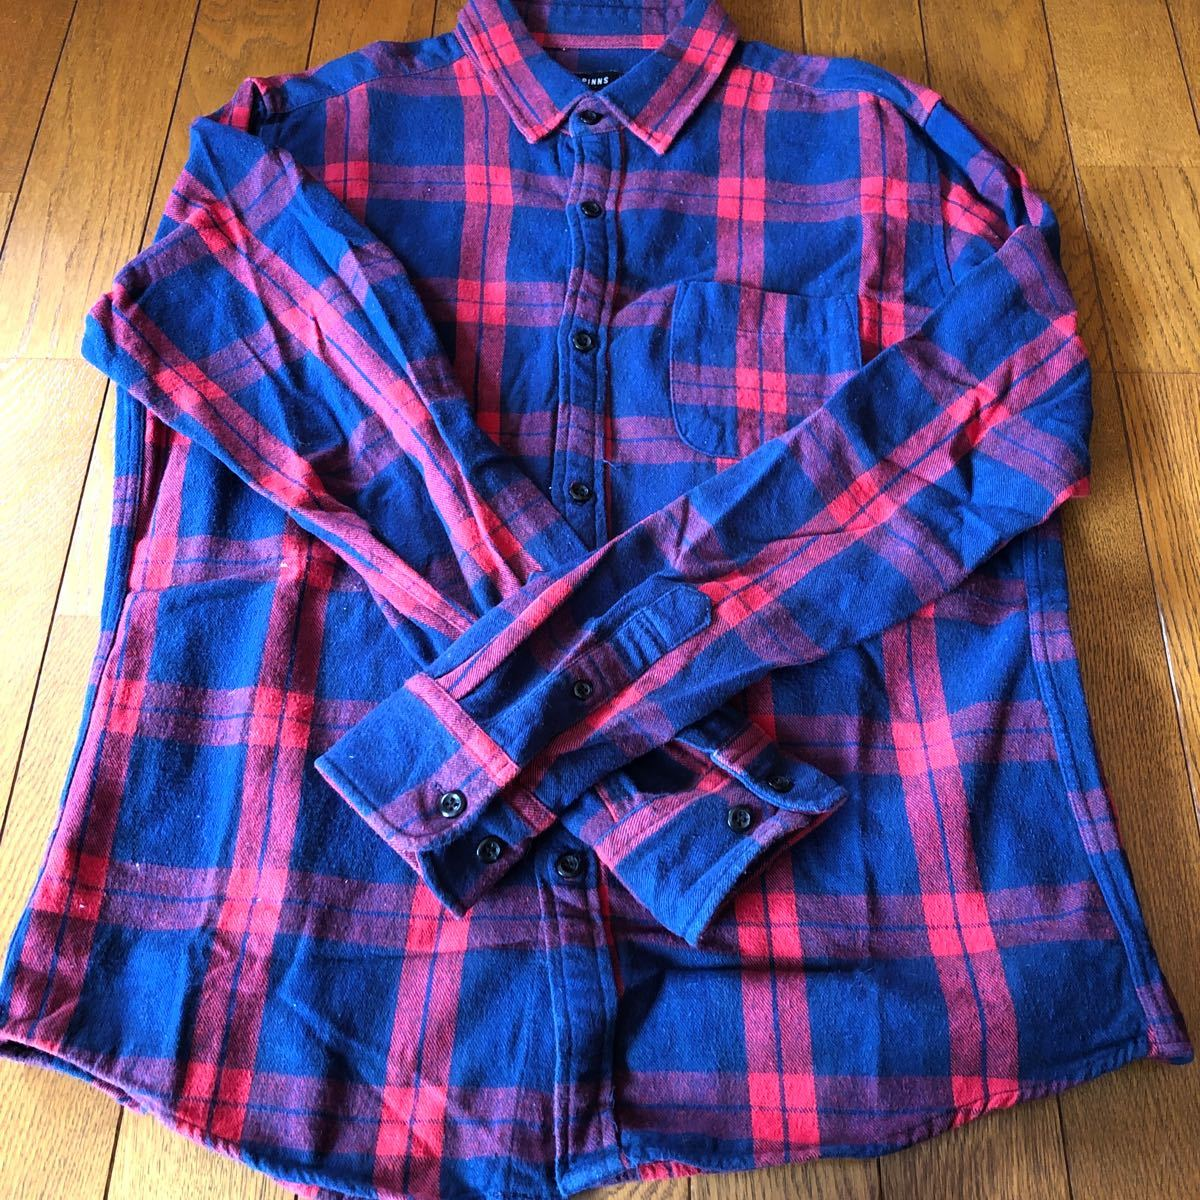 ネルシャツ 長袖シャツ チェックシャツ スピンズ